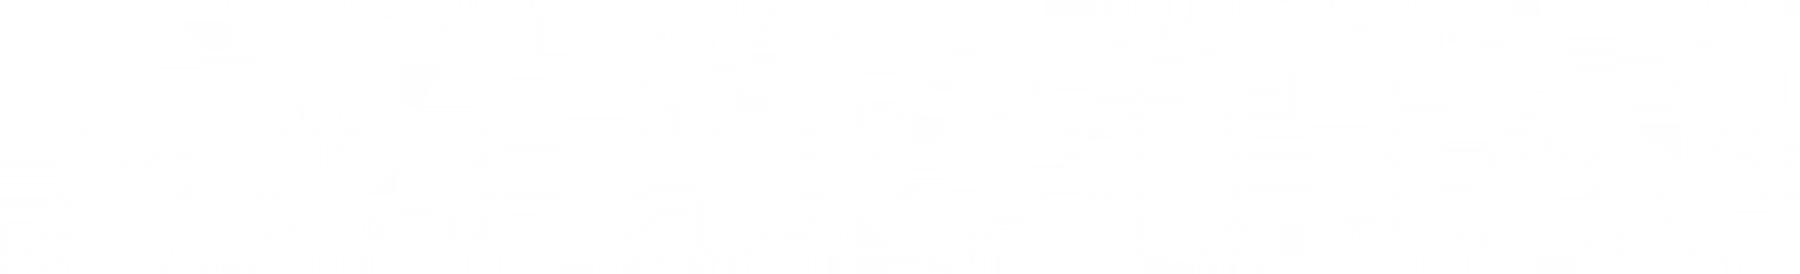 AETERNITAS - logo